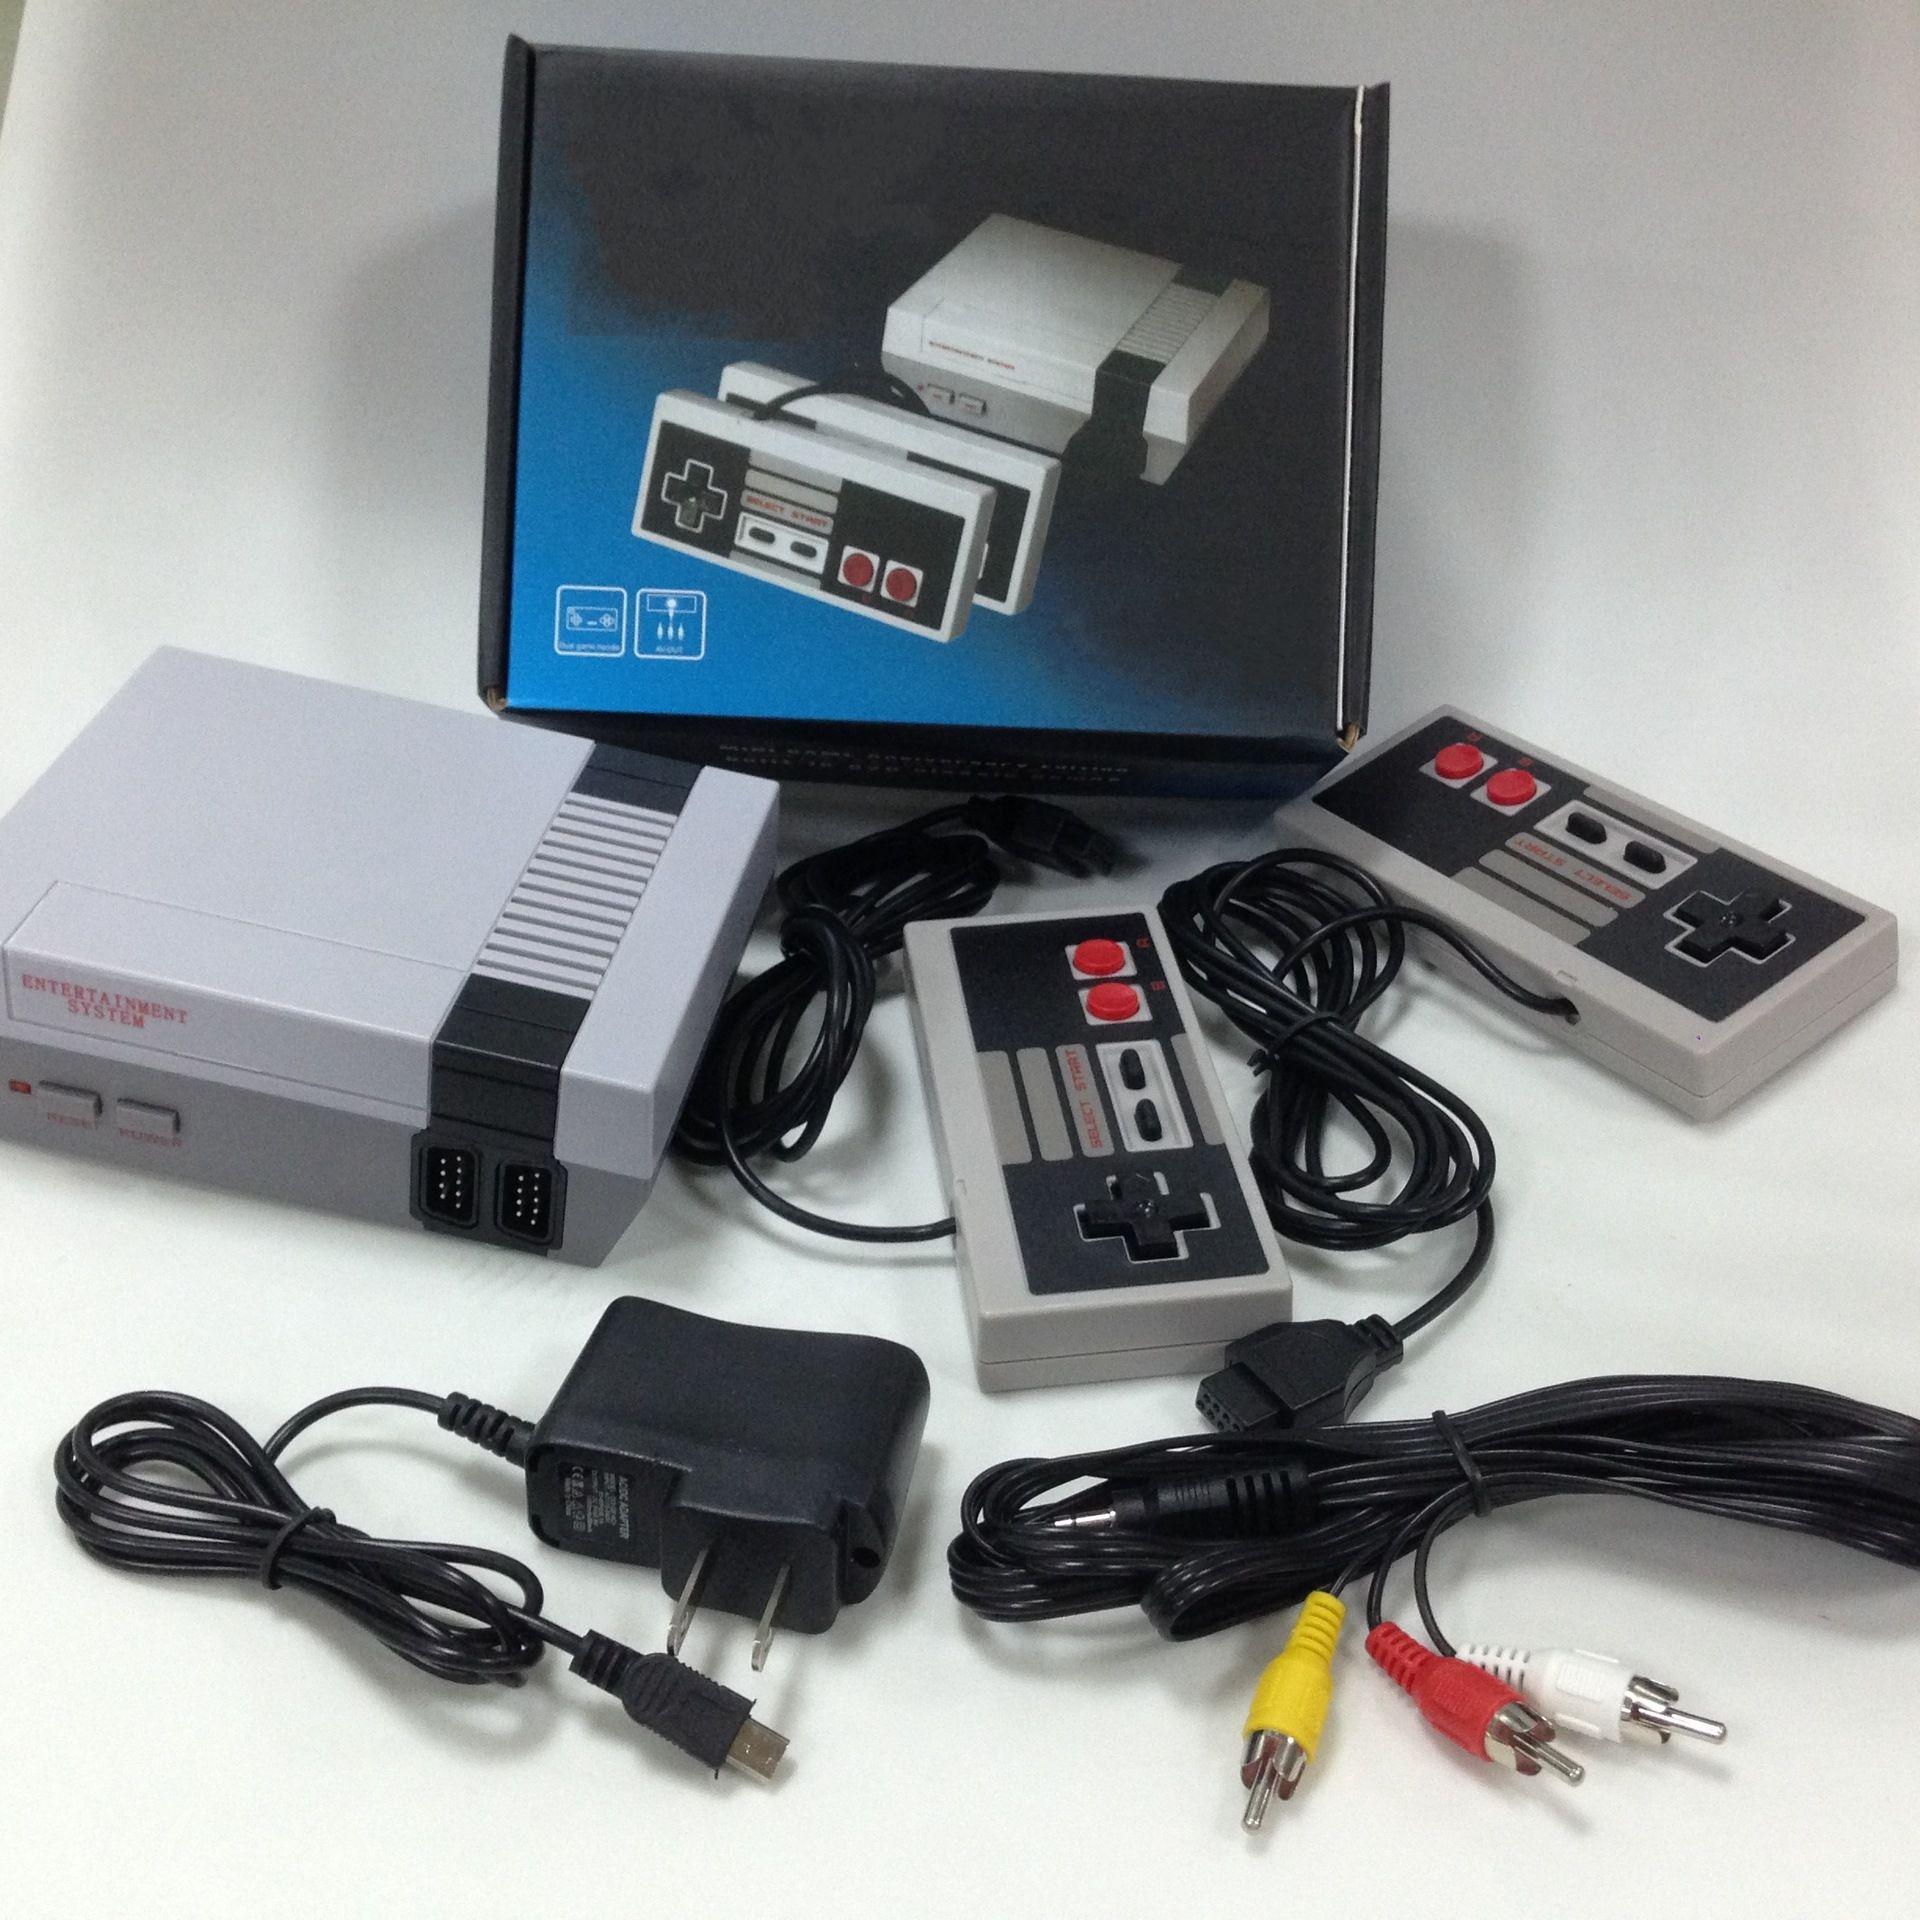 لعبة محمول وحدة 620 نظام الترفيه 500 ألعاب لاعب 8 بت البسيطة TV فيديو مع صندوق البيع بالتجزئة